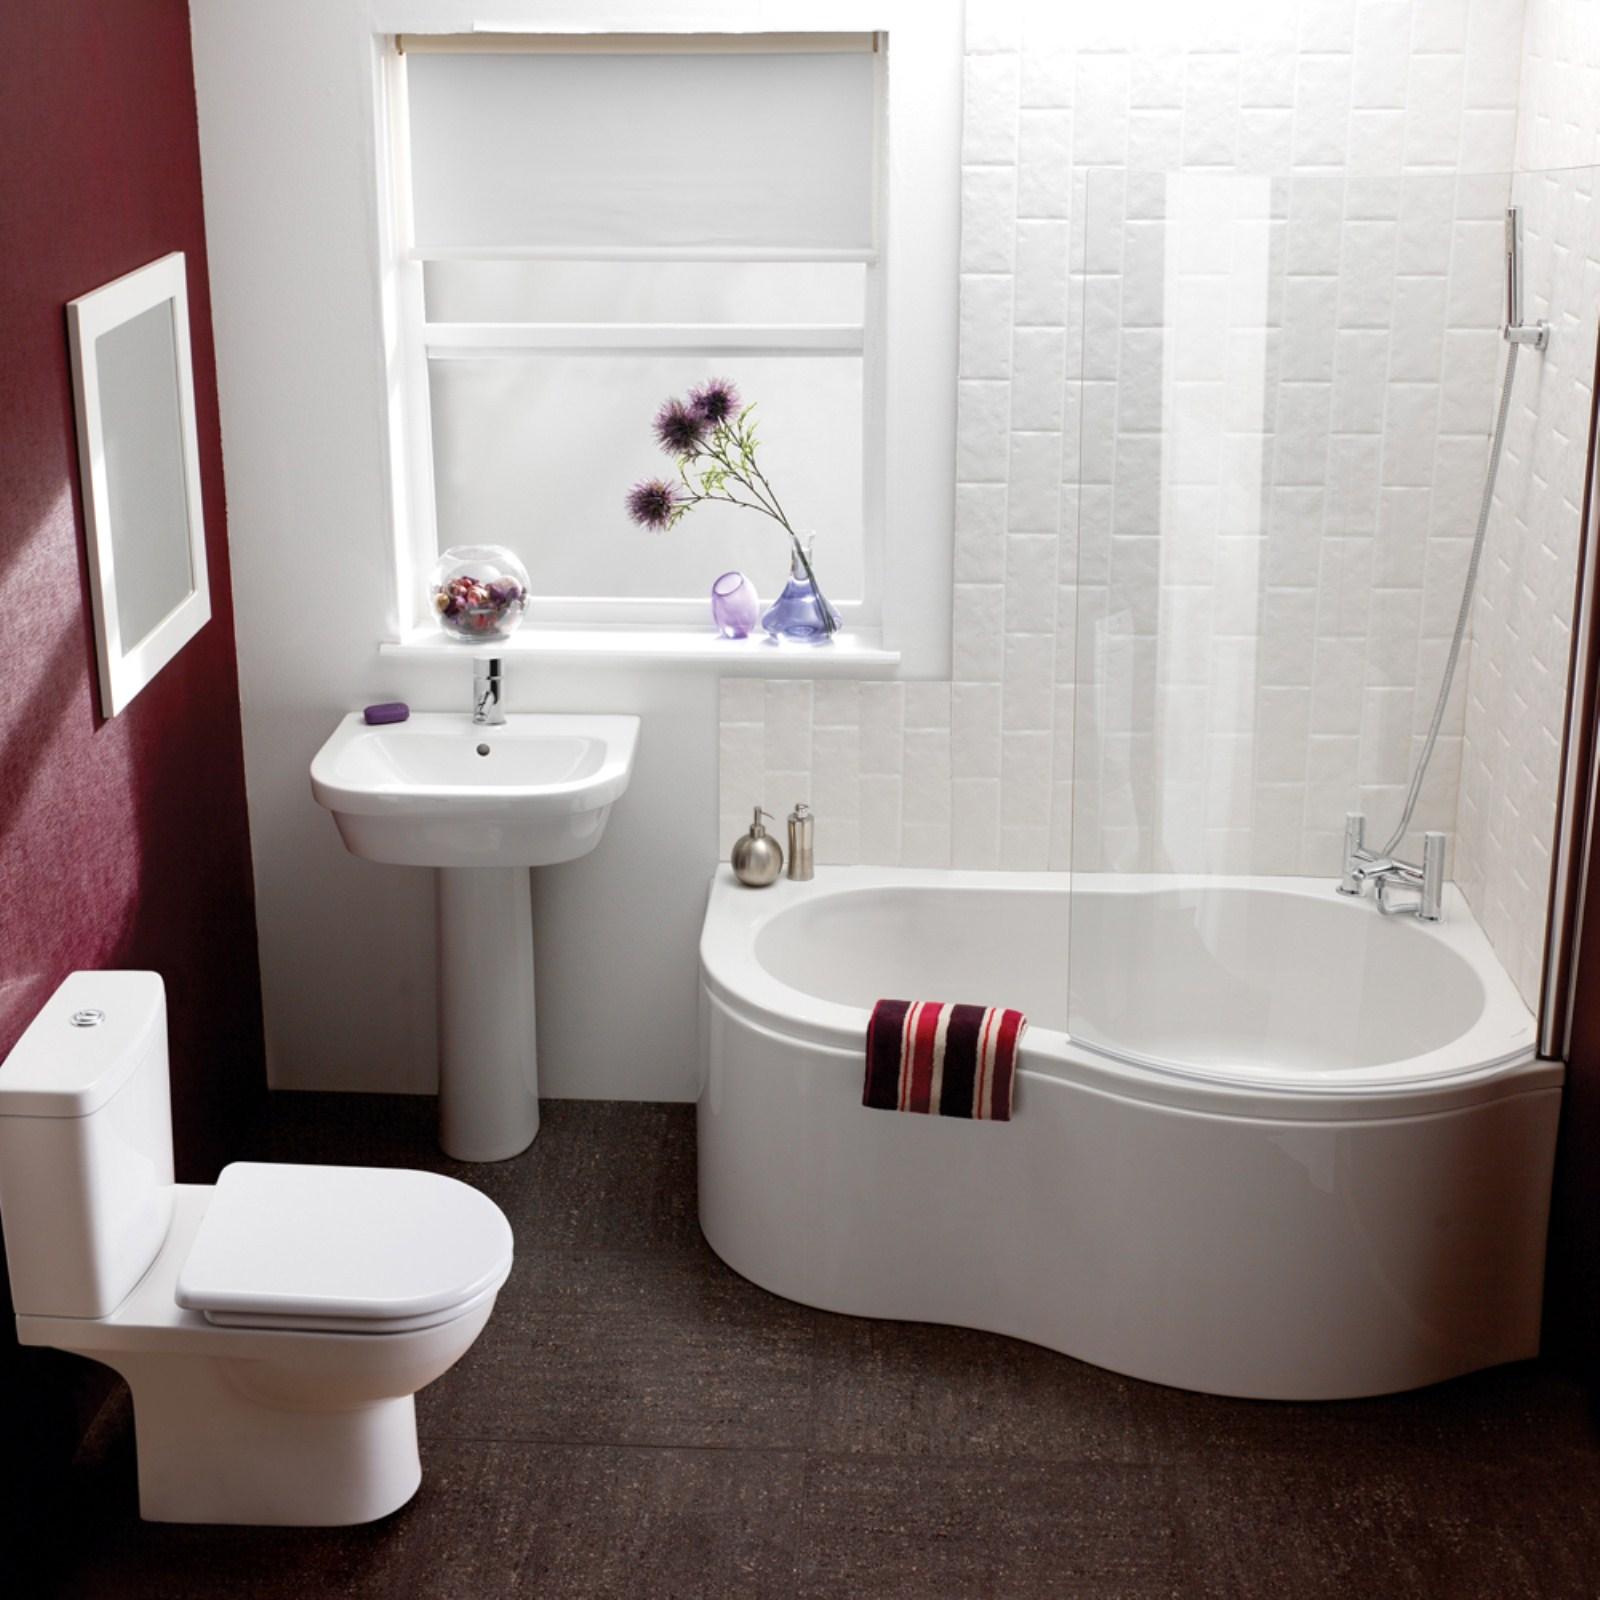 Дизайн ванной комнаты небольшого размера.